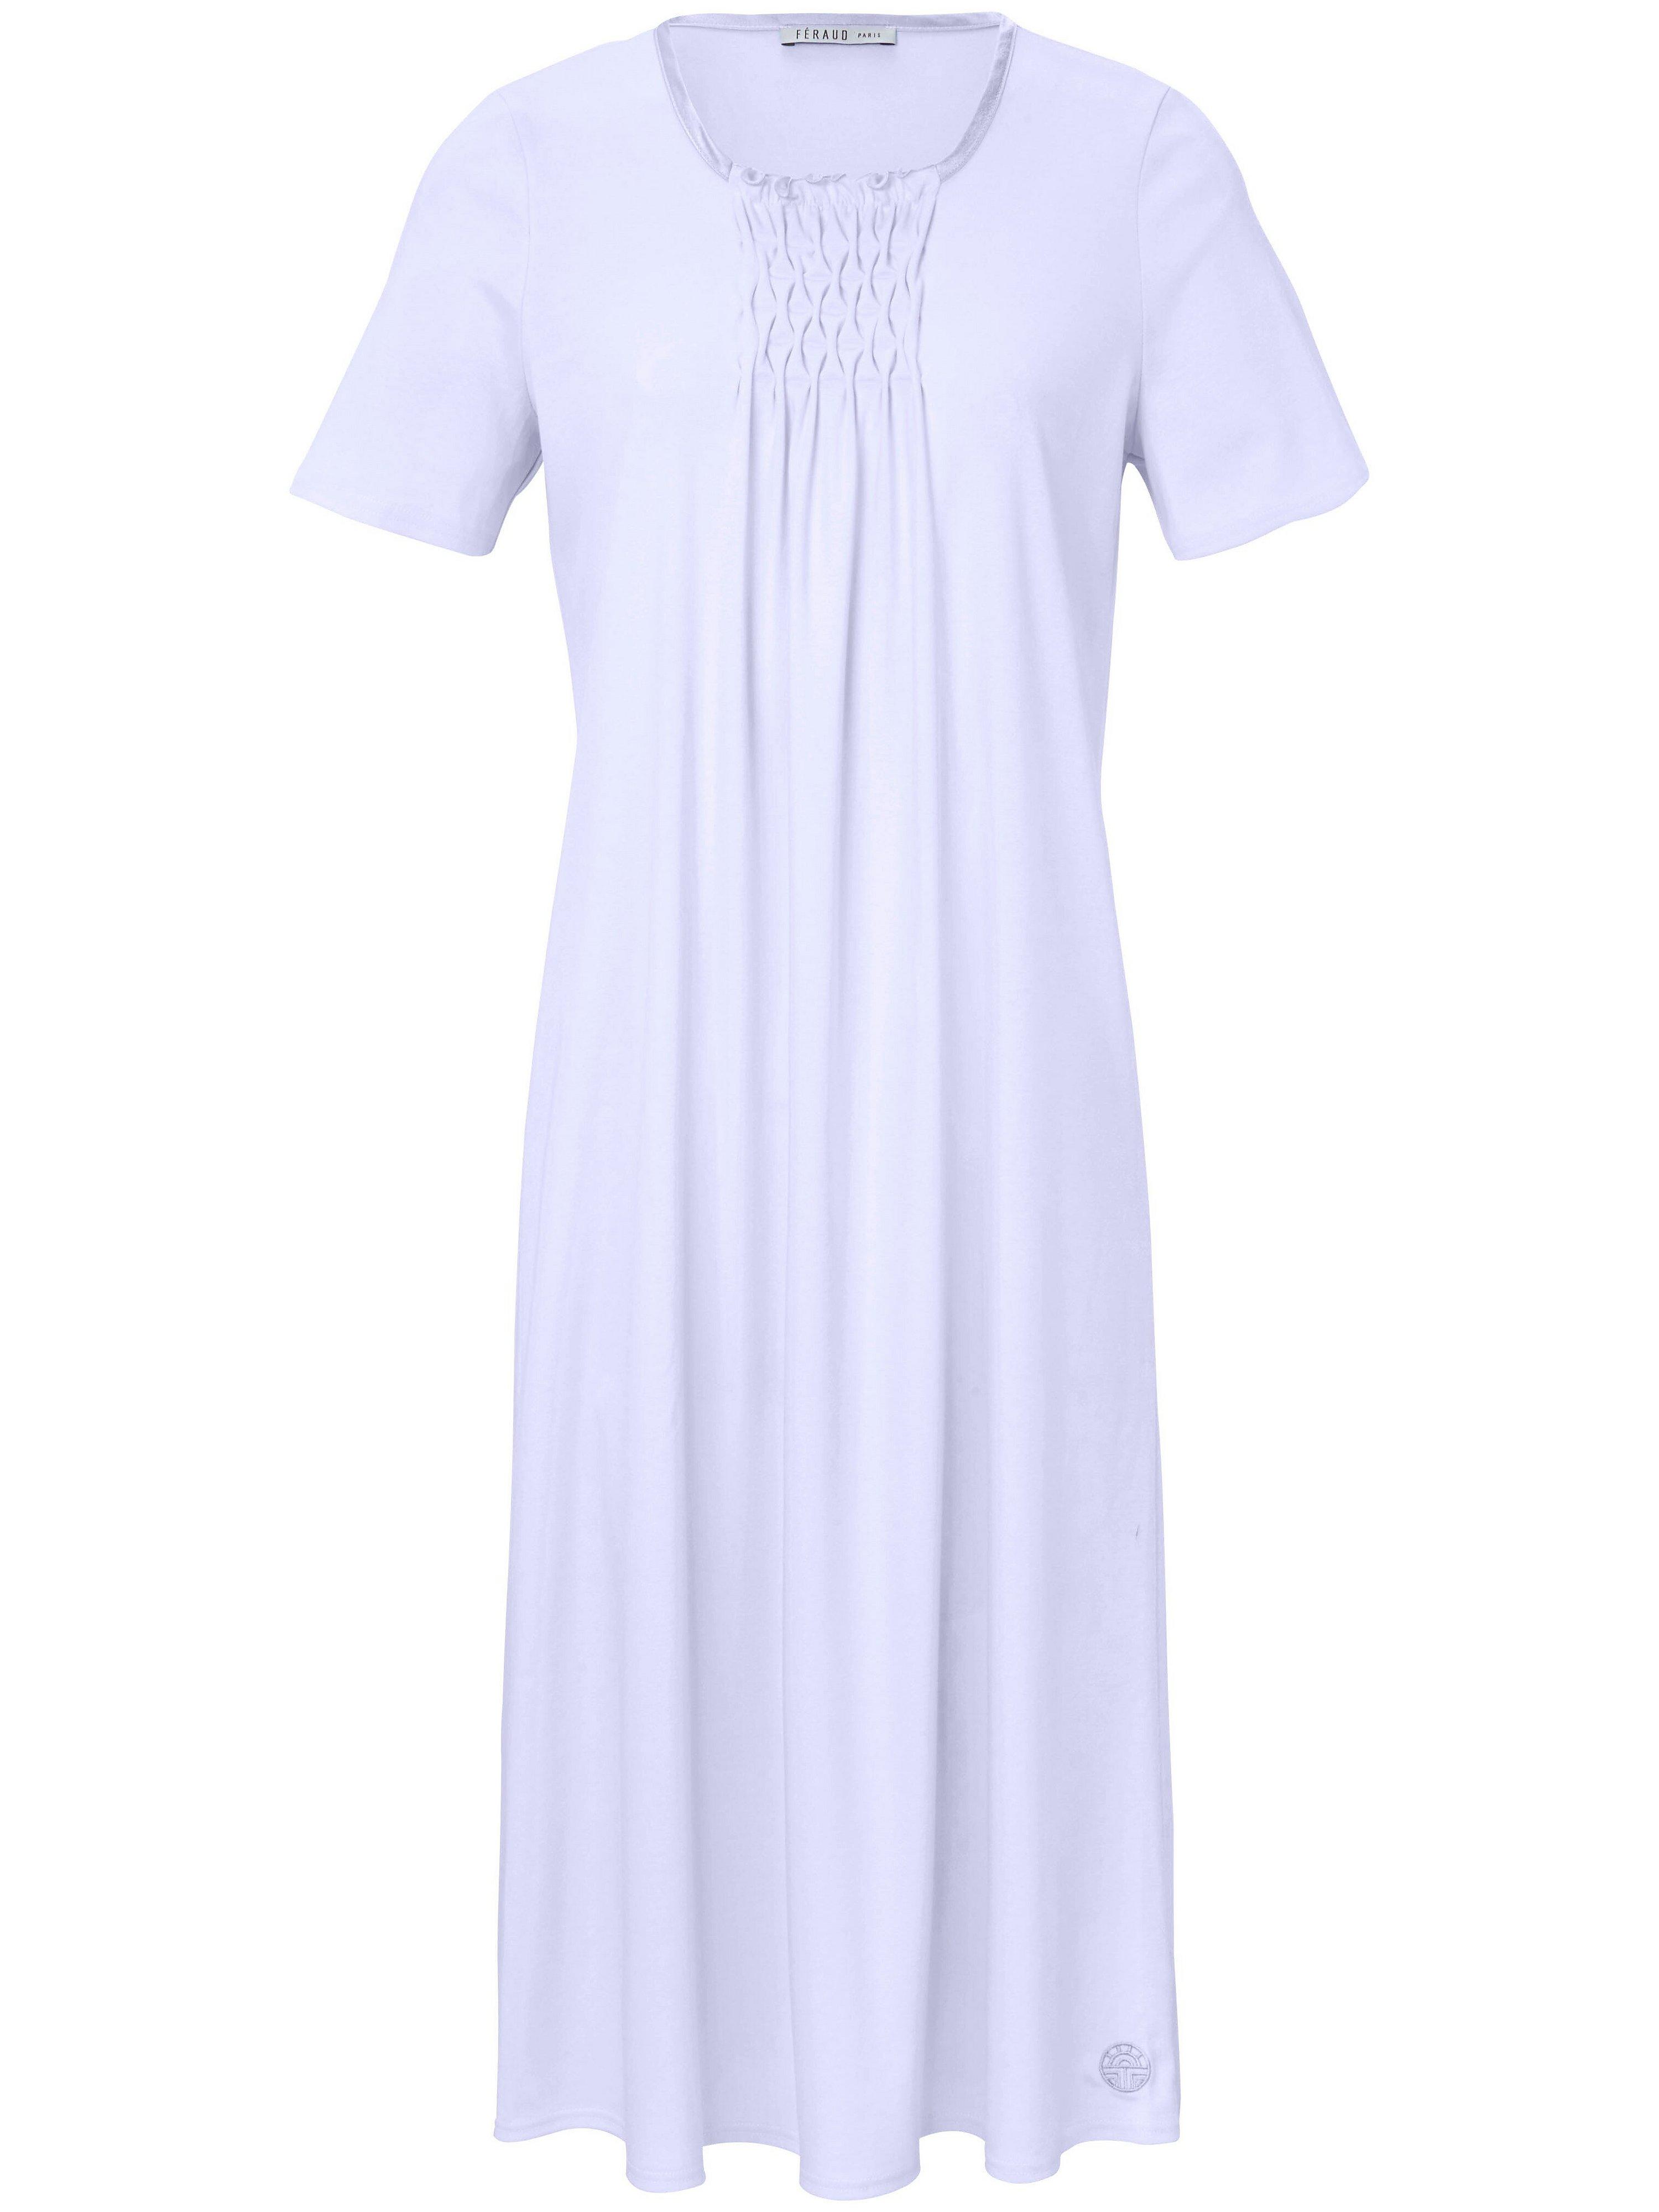 La chemise nuit pur coton, manches courtes  Féraud mauve taille 50